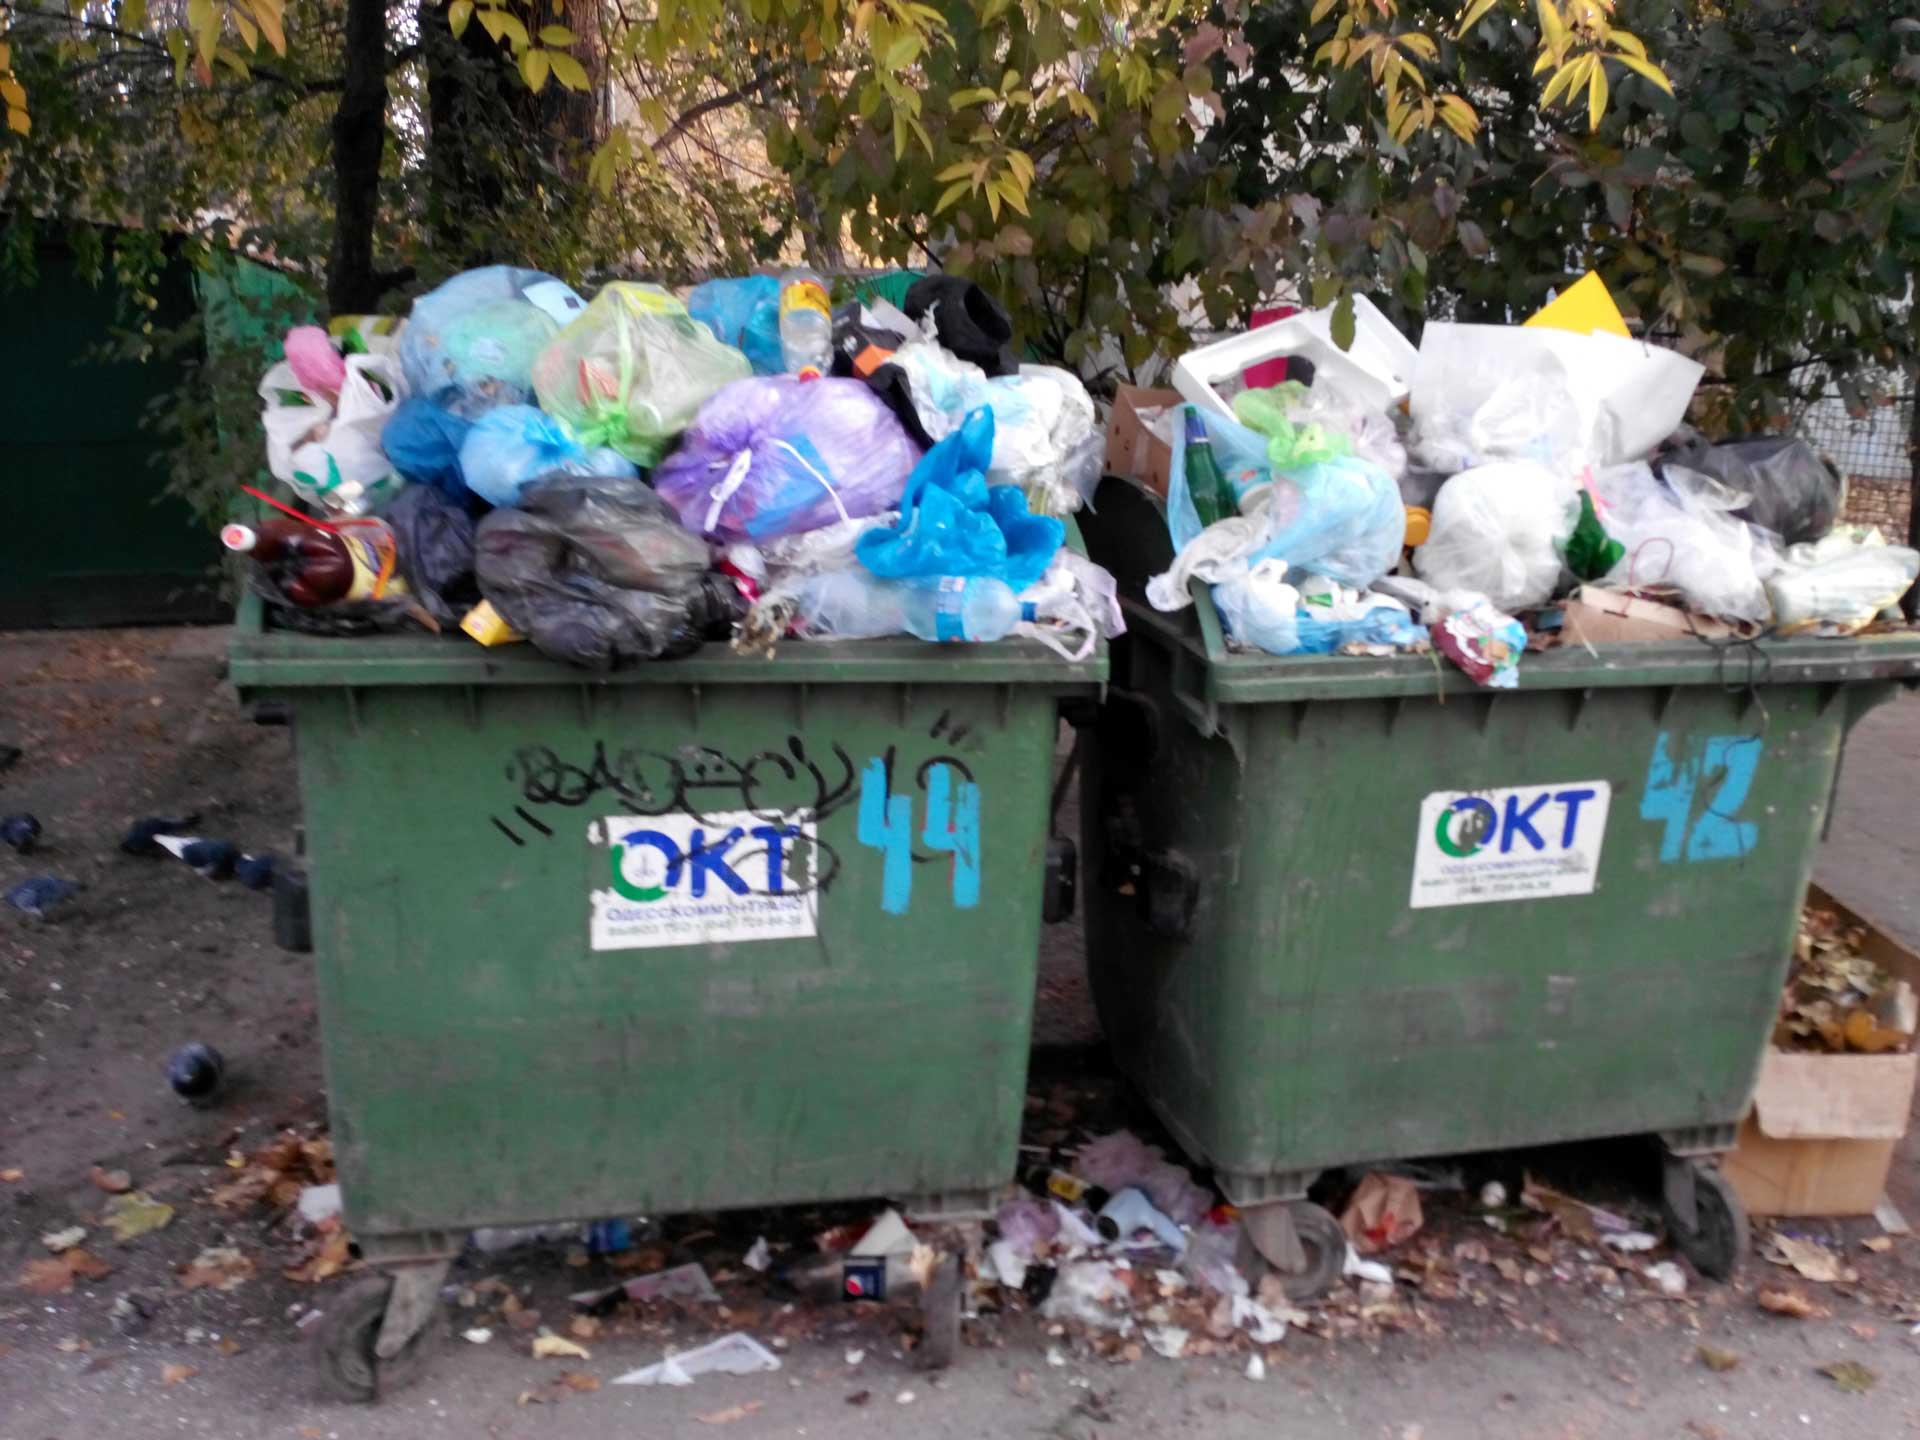 В Керчи некоторые ЖЭКи не вывозят мусор еще с начала этого года